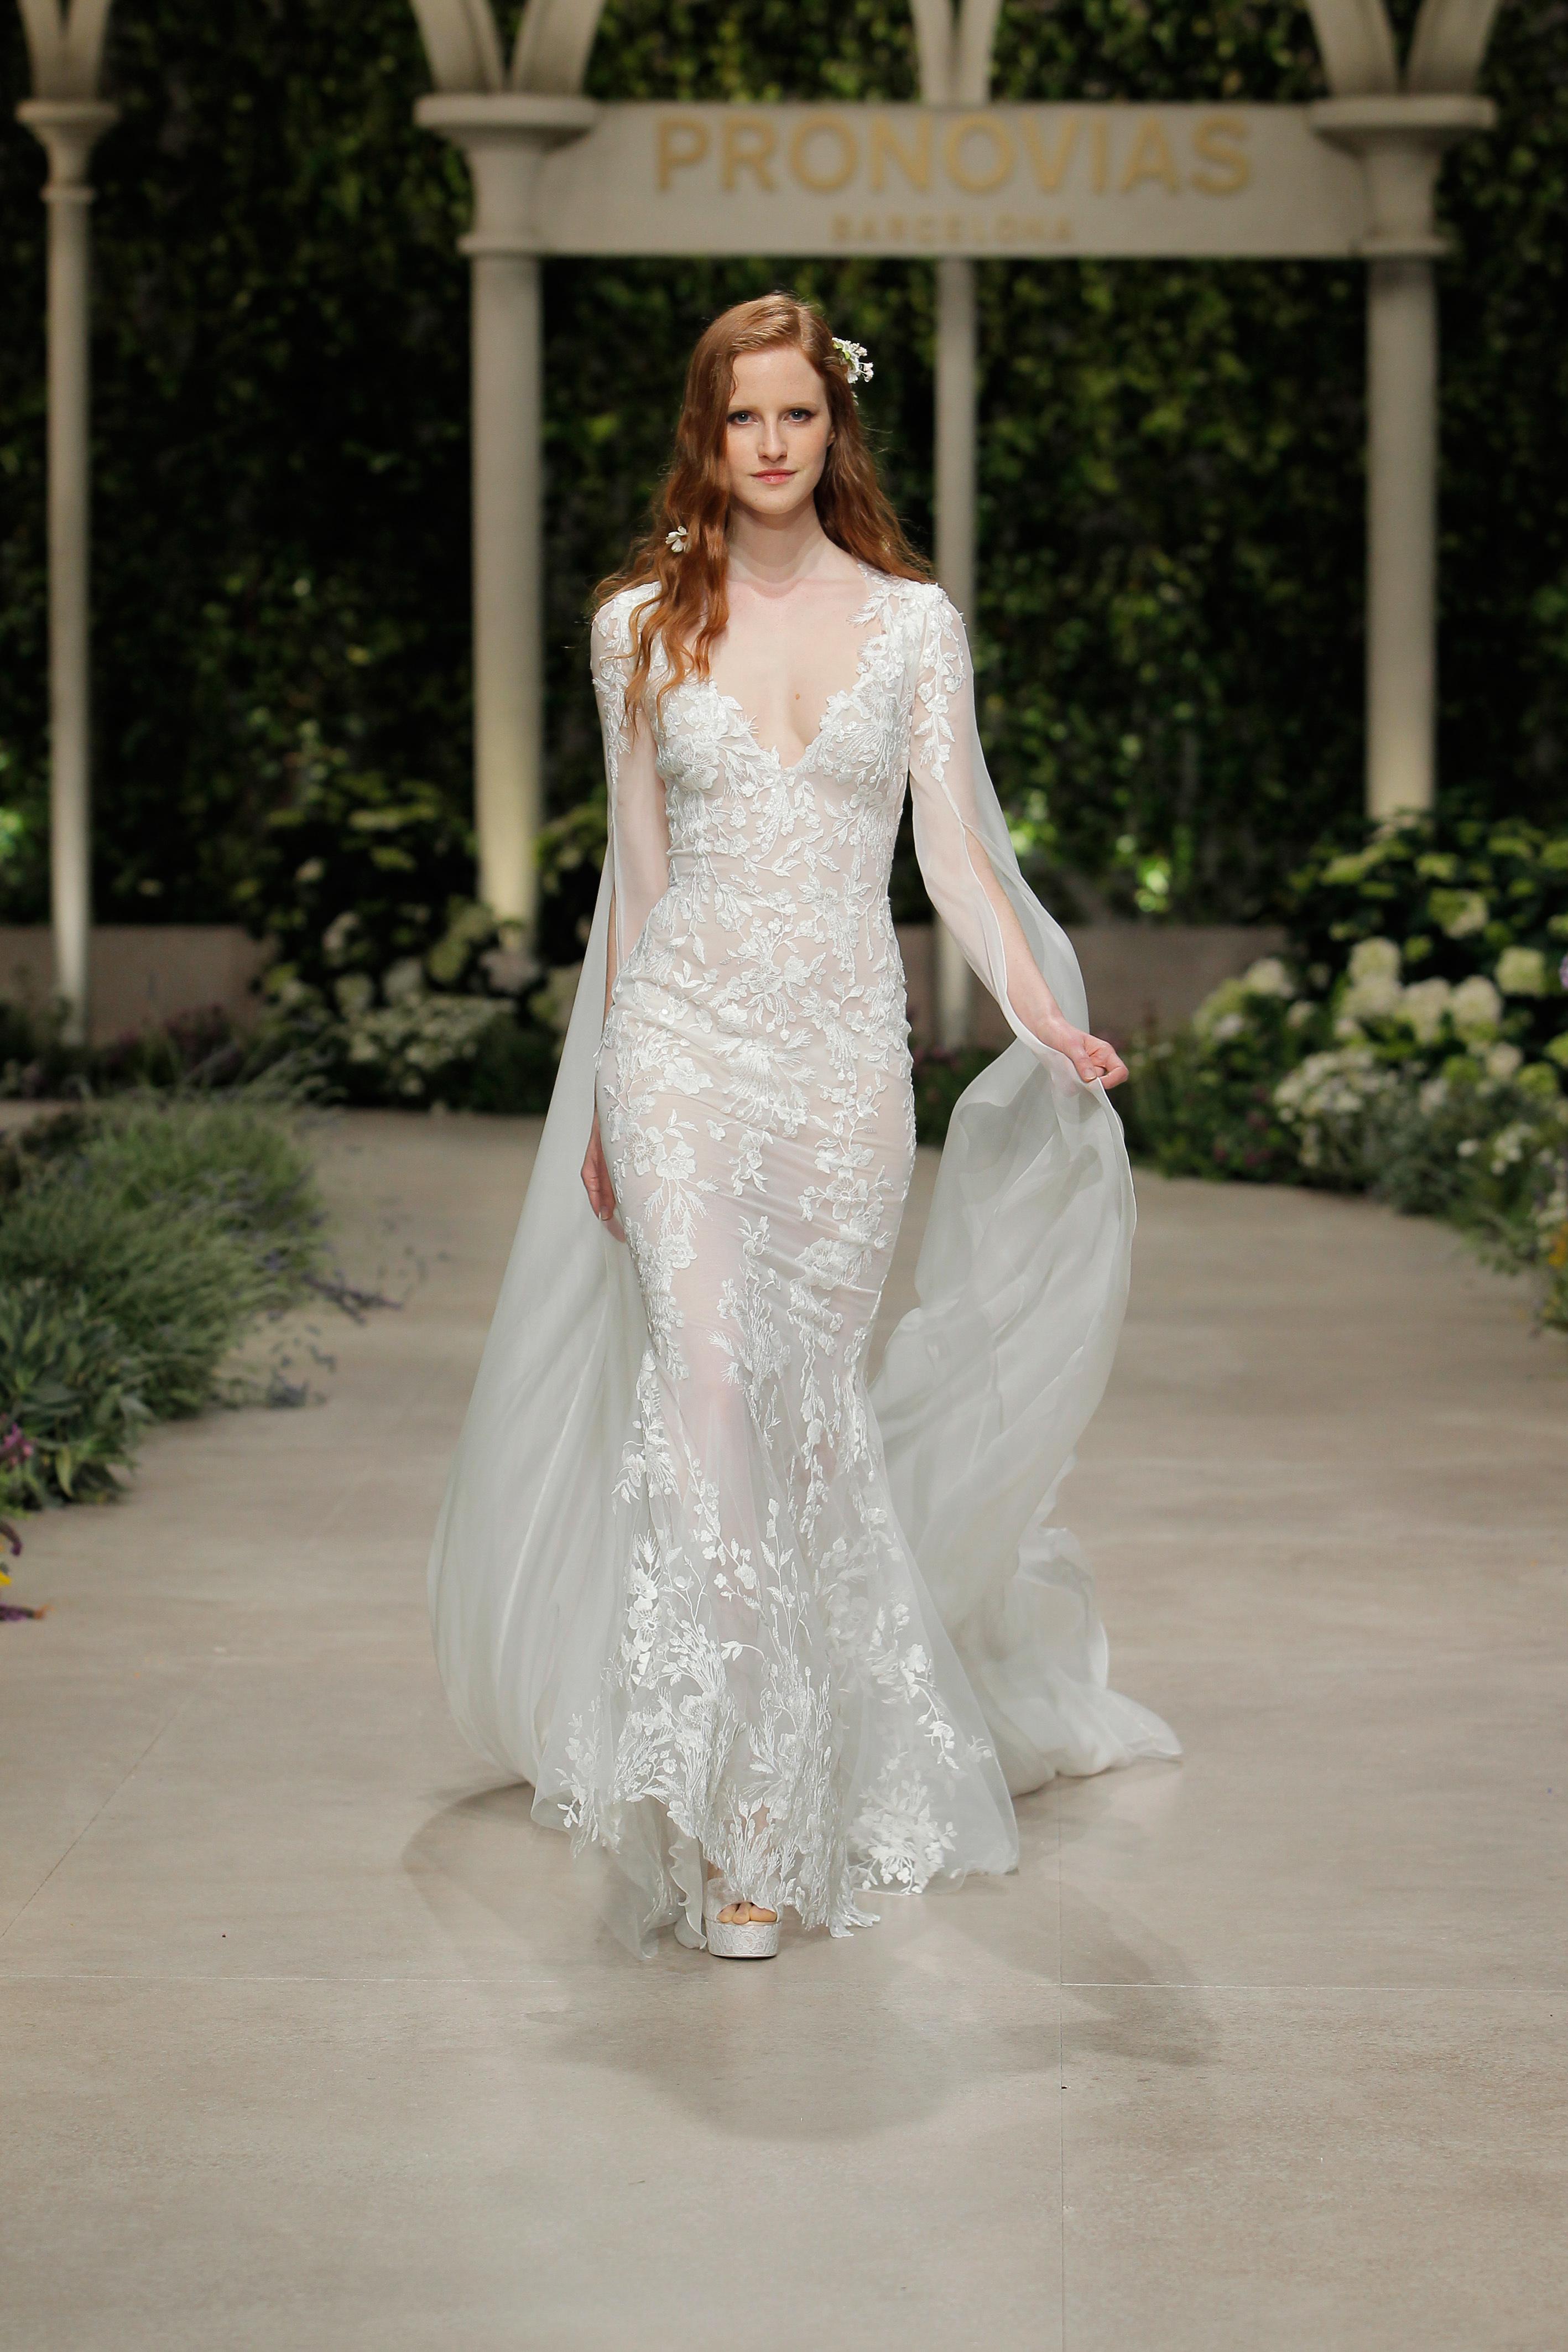 pronovias wedding dress spring 2019 embroidered v-neck